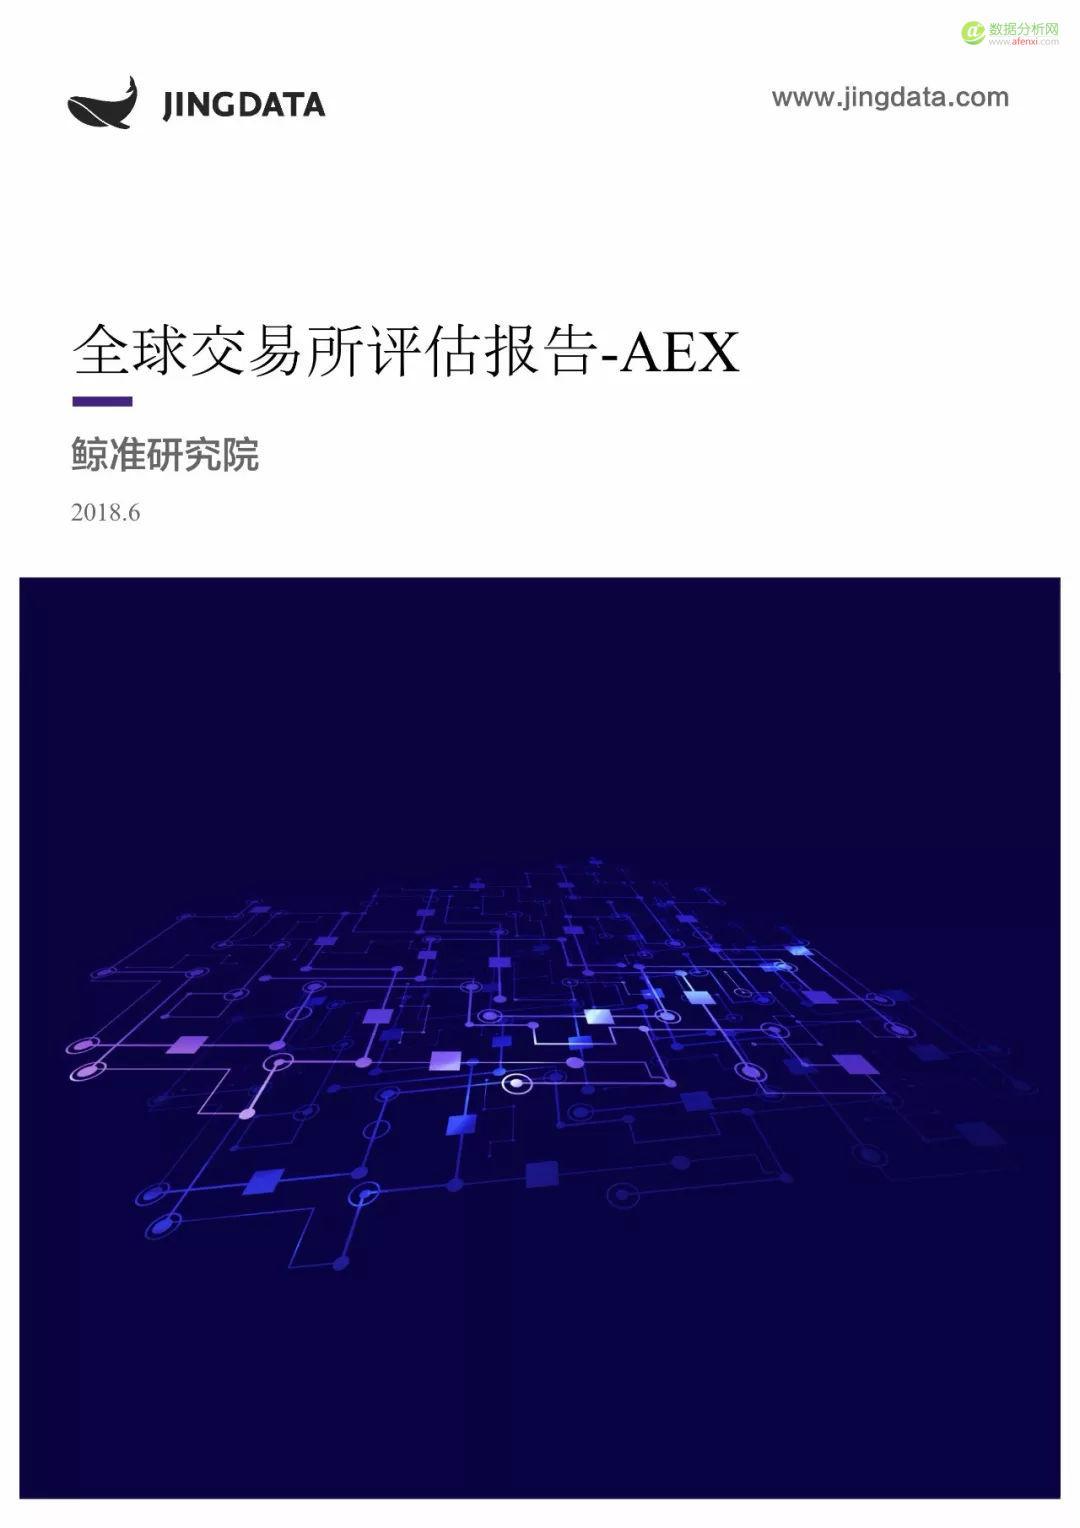 鲸准研究院:全球交易所评估报告-AEX